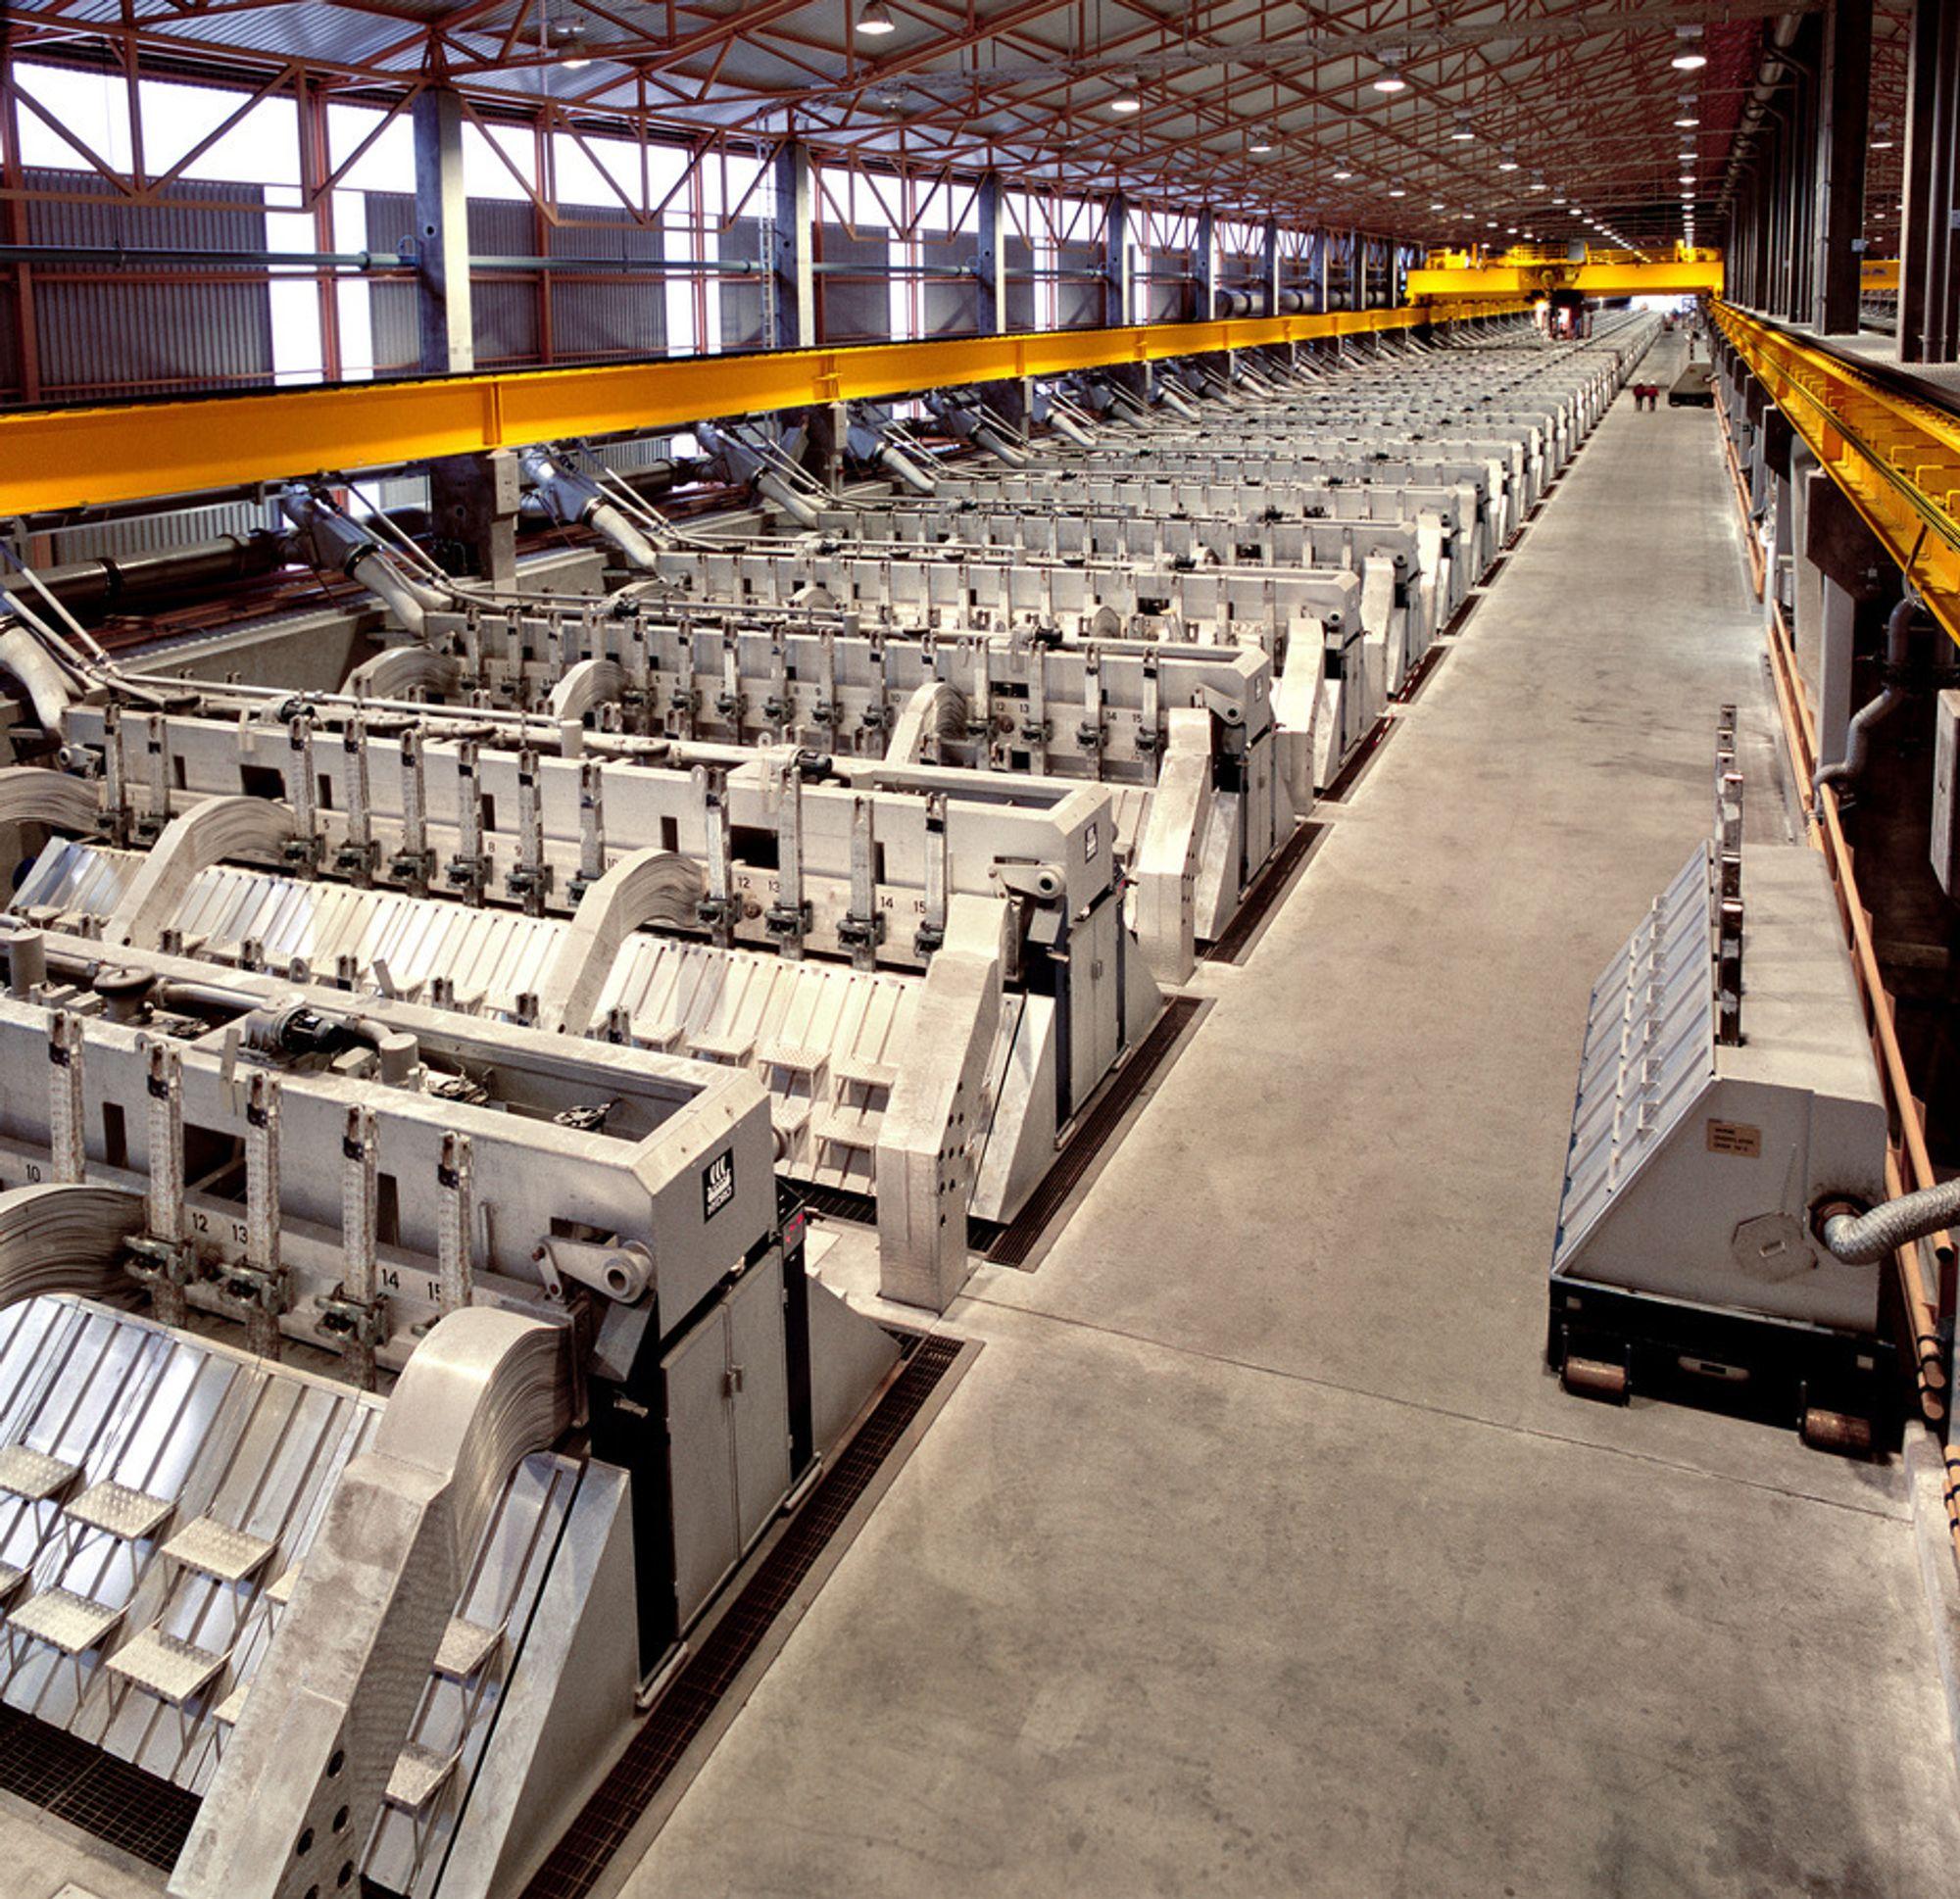 MÅ TRAPPE NED? Aluminiumsverket på Karmøy kan oppleve nedbemanning som følge av strenge utslippskrav. Allerede i 2000 fikk Hydro Karmøy varsel kravene. Bildet er fra Hydros aluminiumverk på Sunndalsøra.